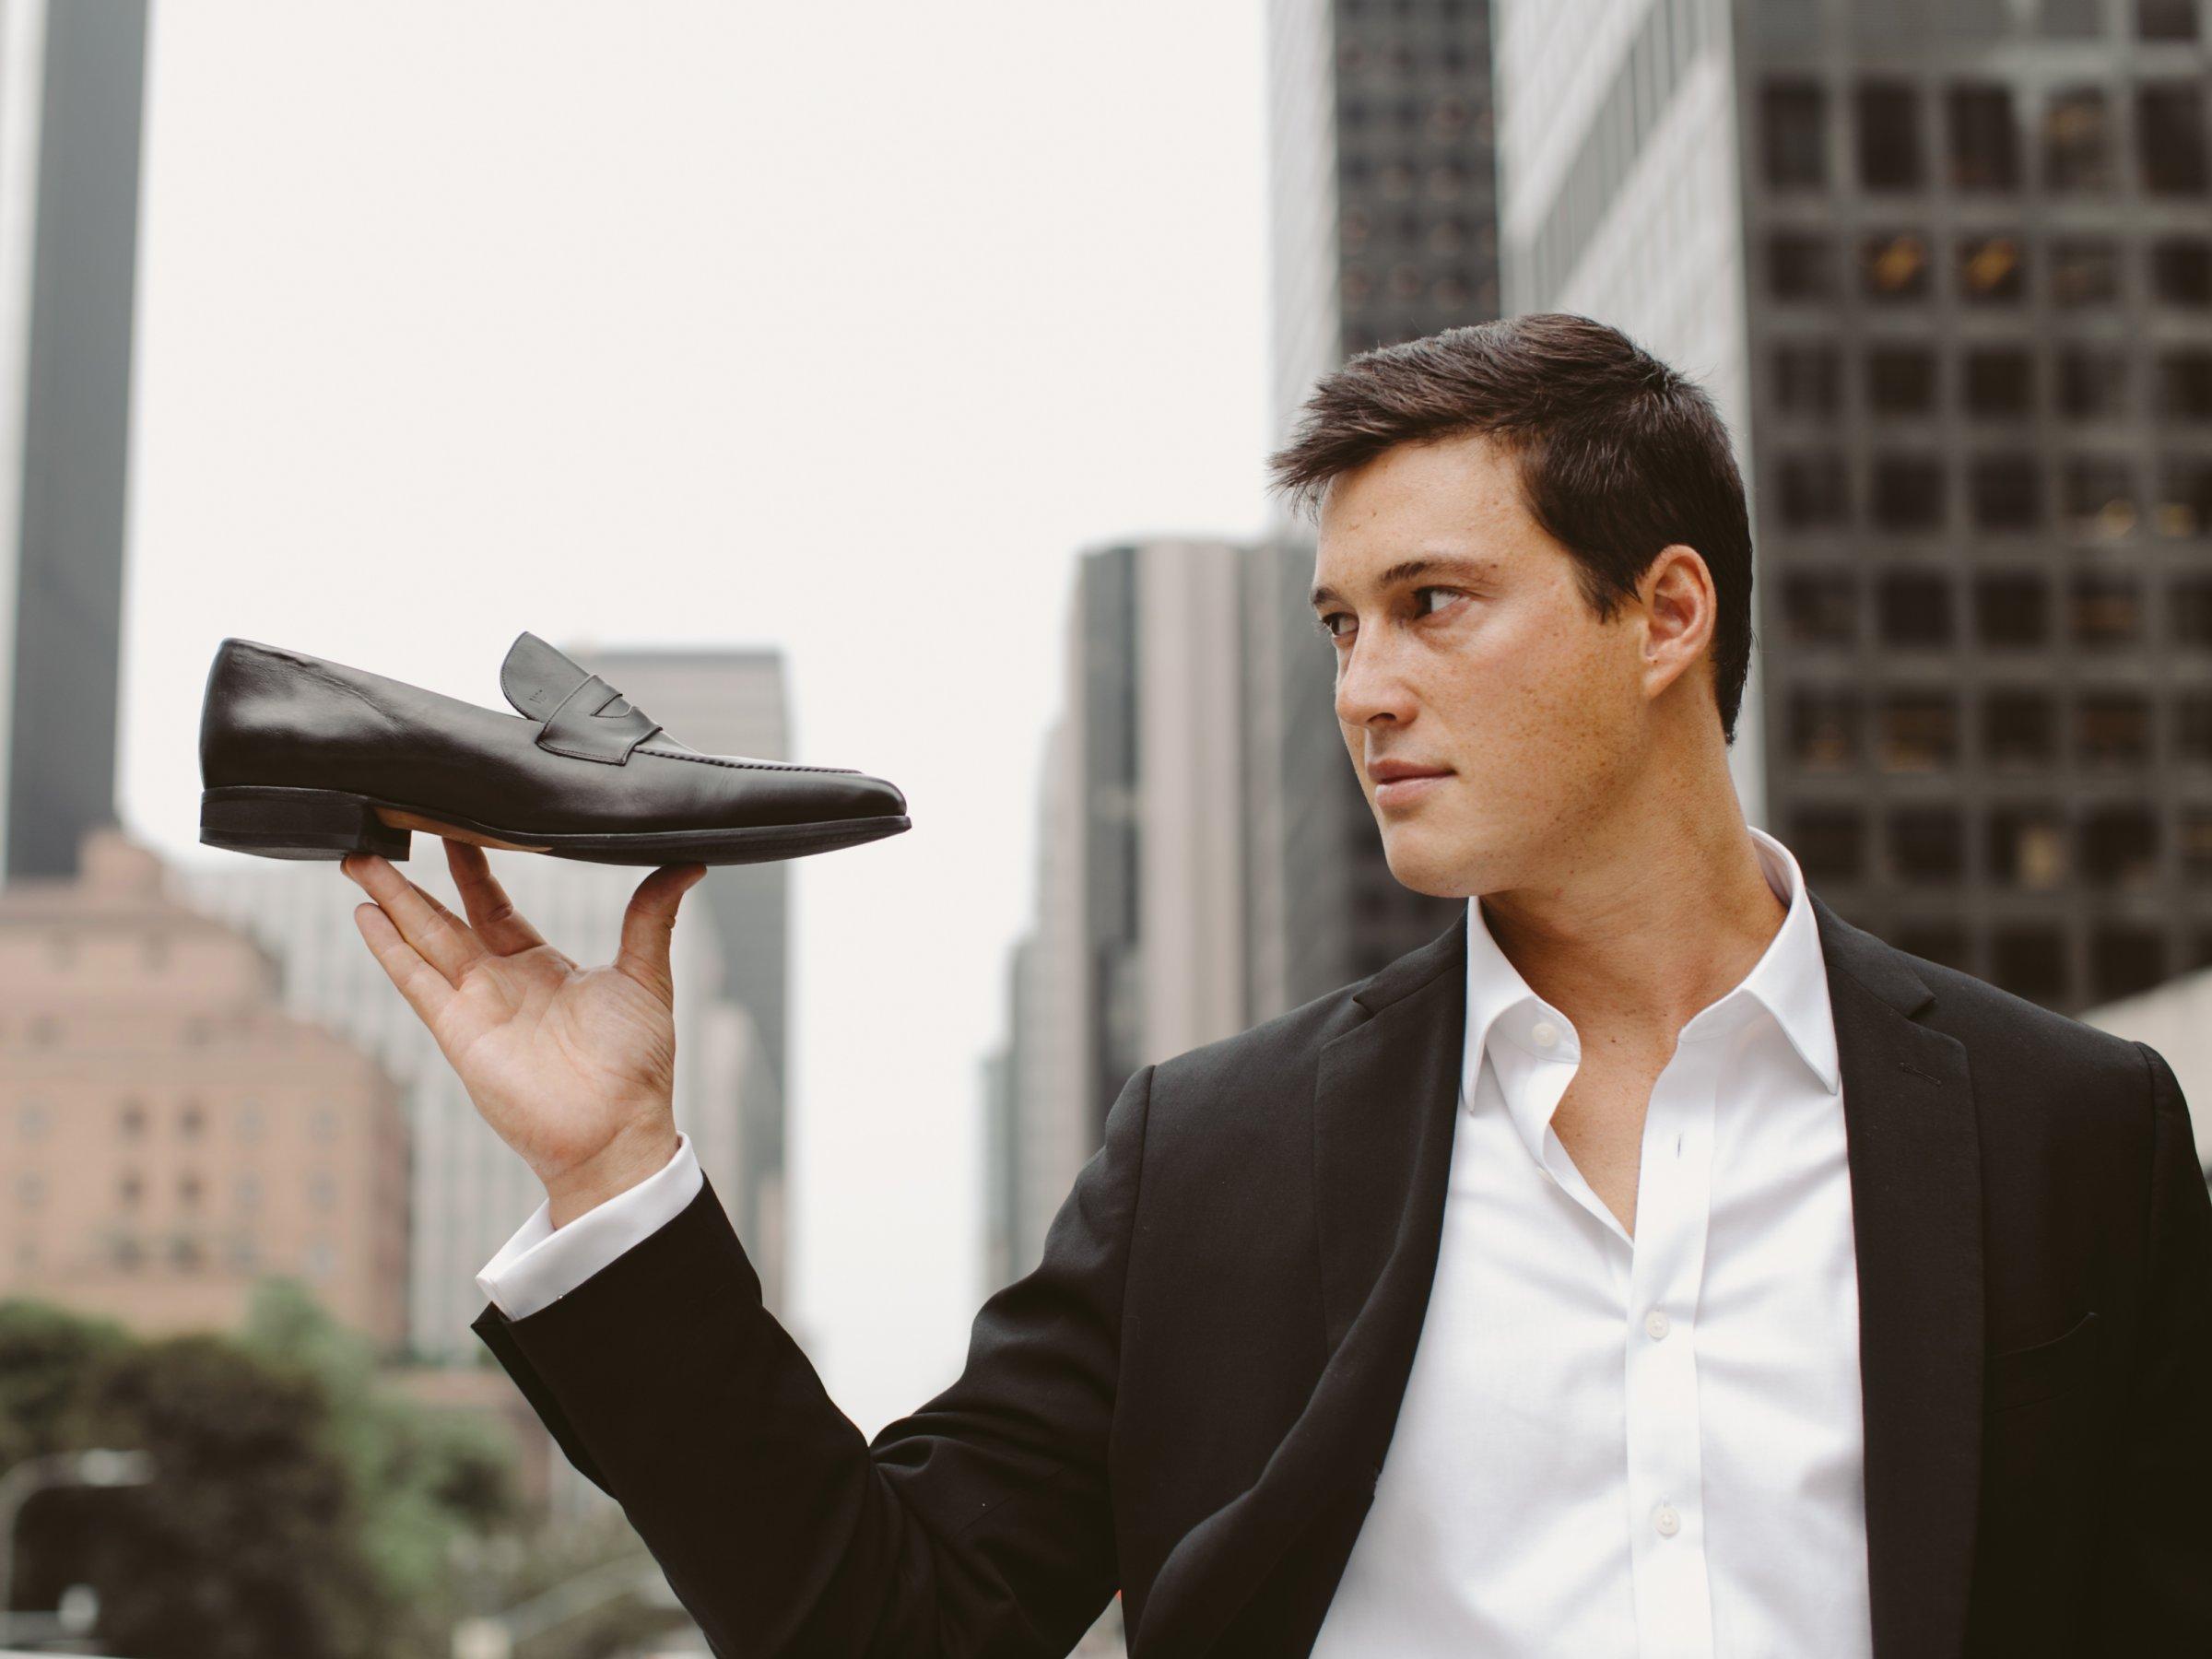 founder_holding shoe 2